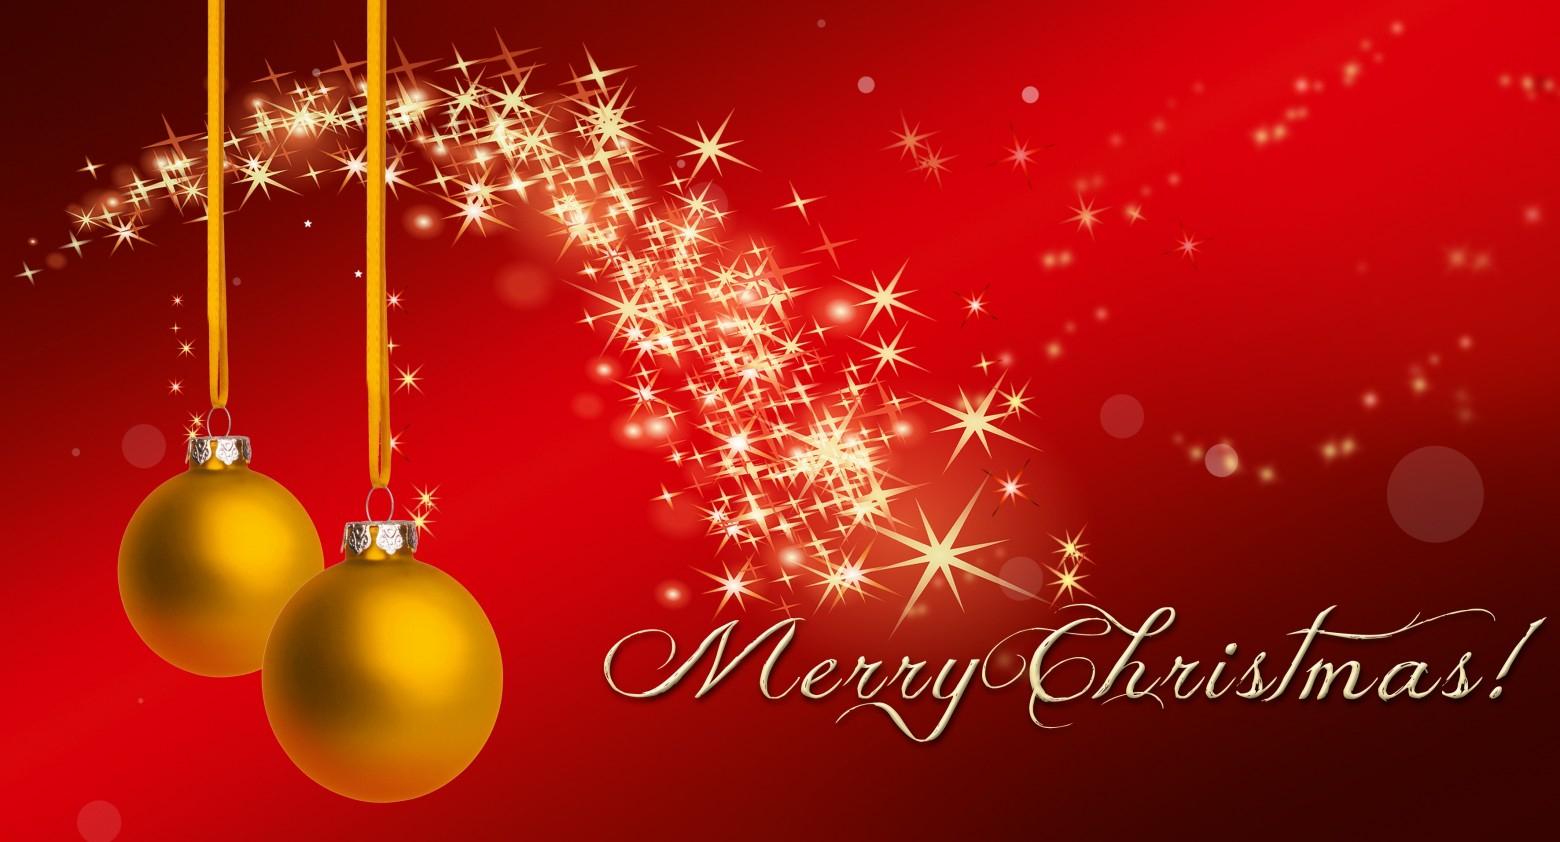 Carte De Voeux Noel Photo Gratuite | Images Gratuites Et avec Carte De Voeux À Télécharger